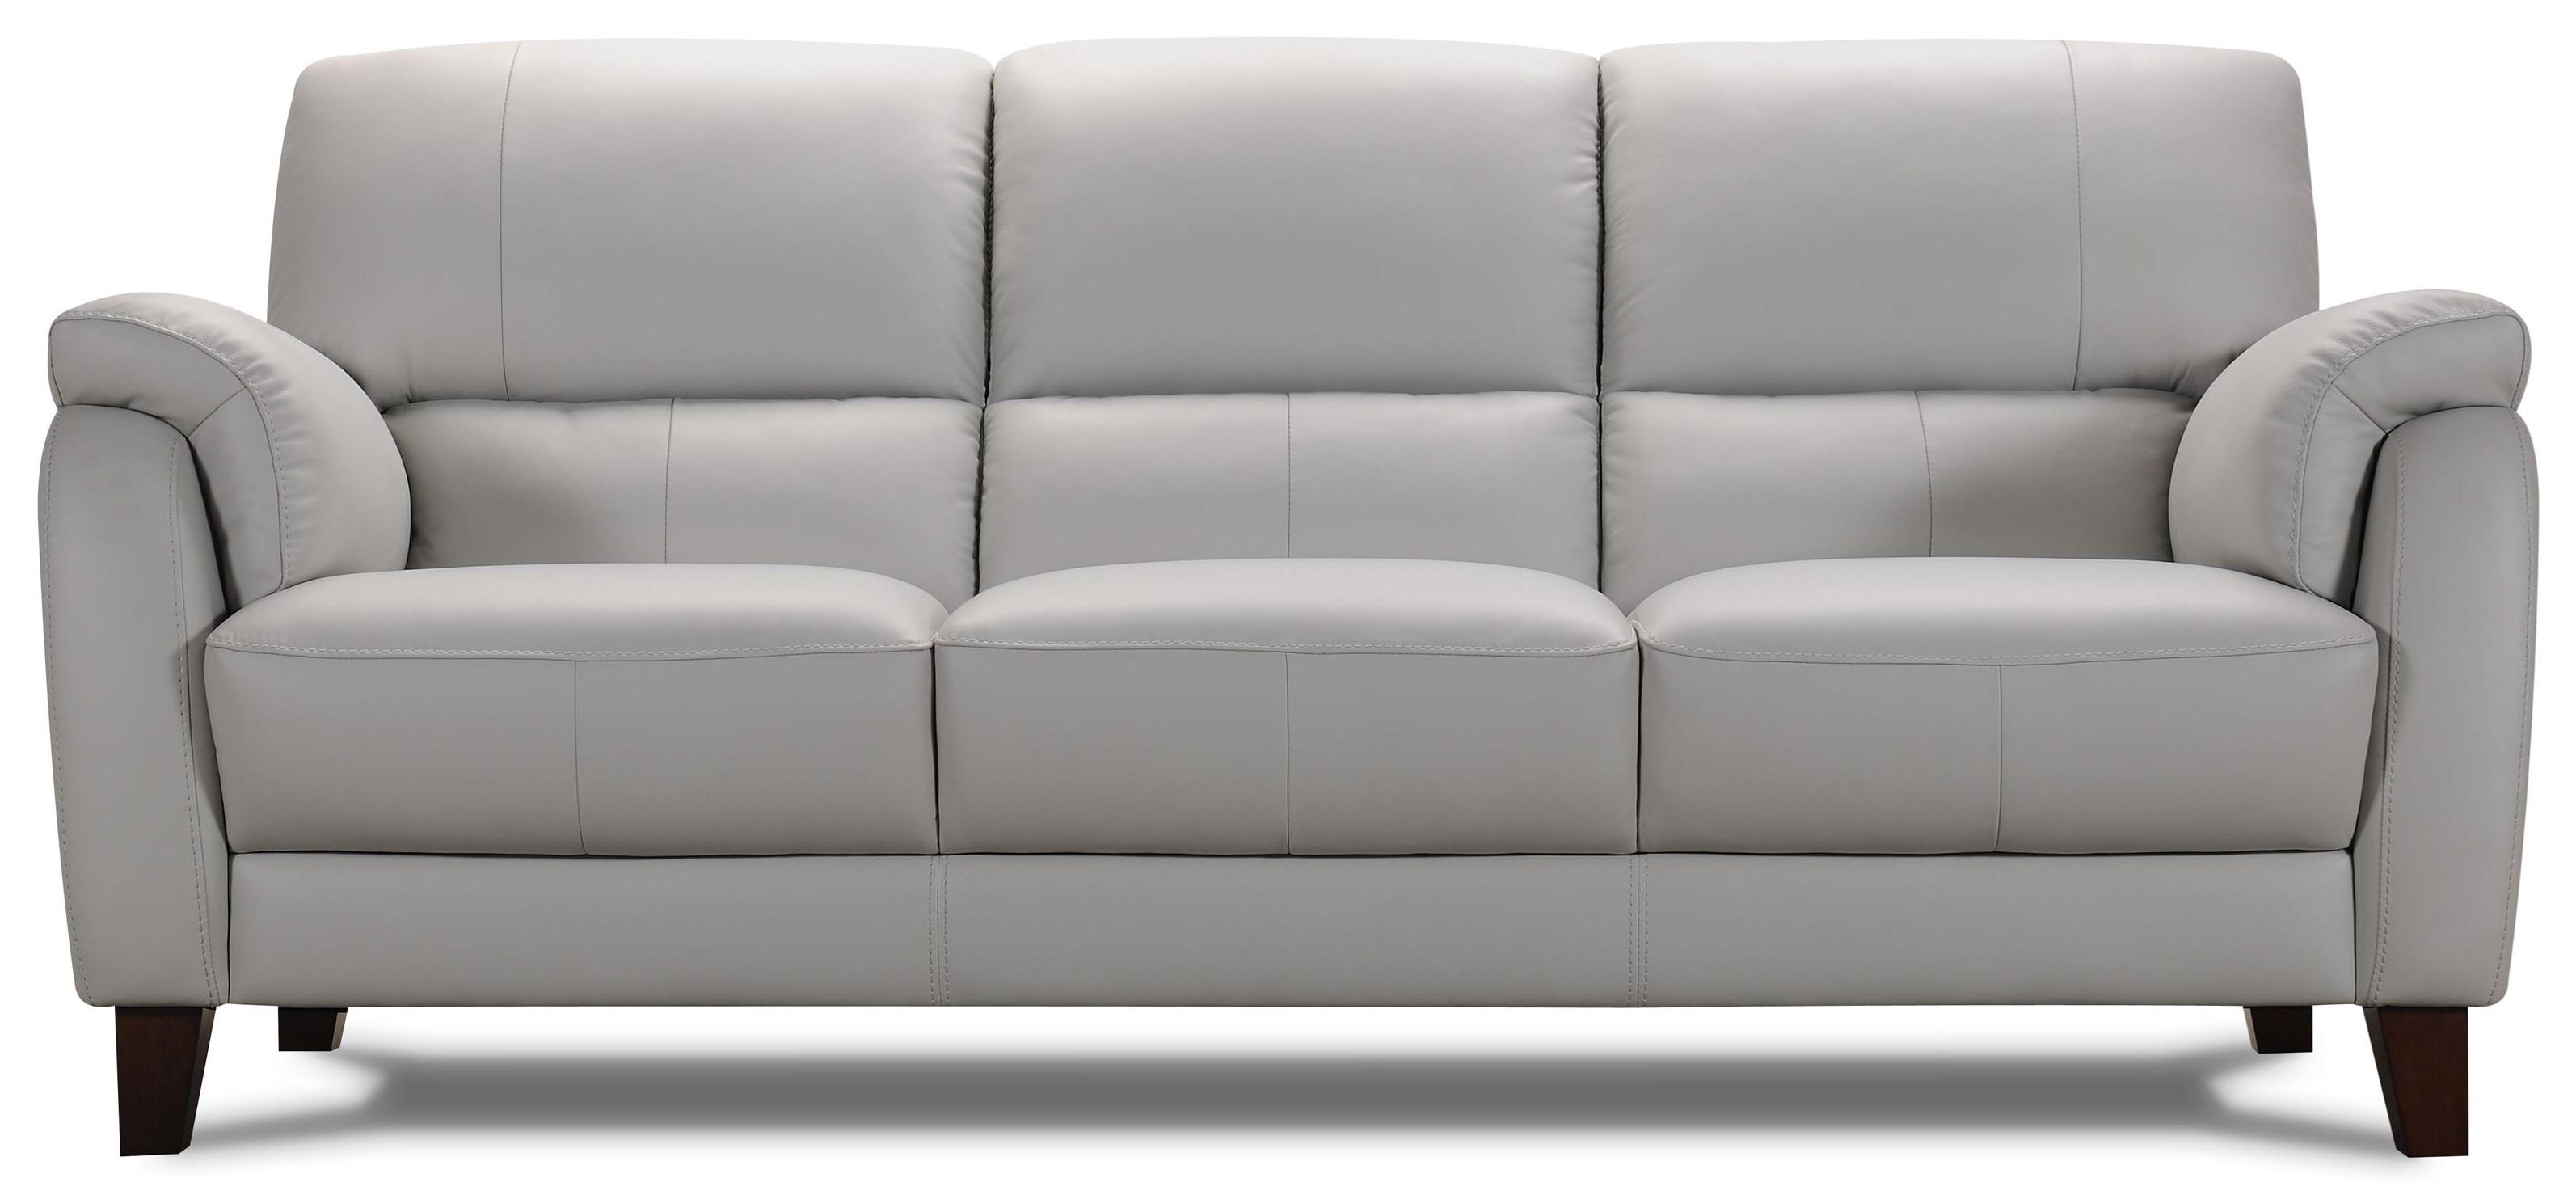 31933 Gray Leather Sofa by Violino at Furniture Fair - North Carolina